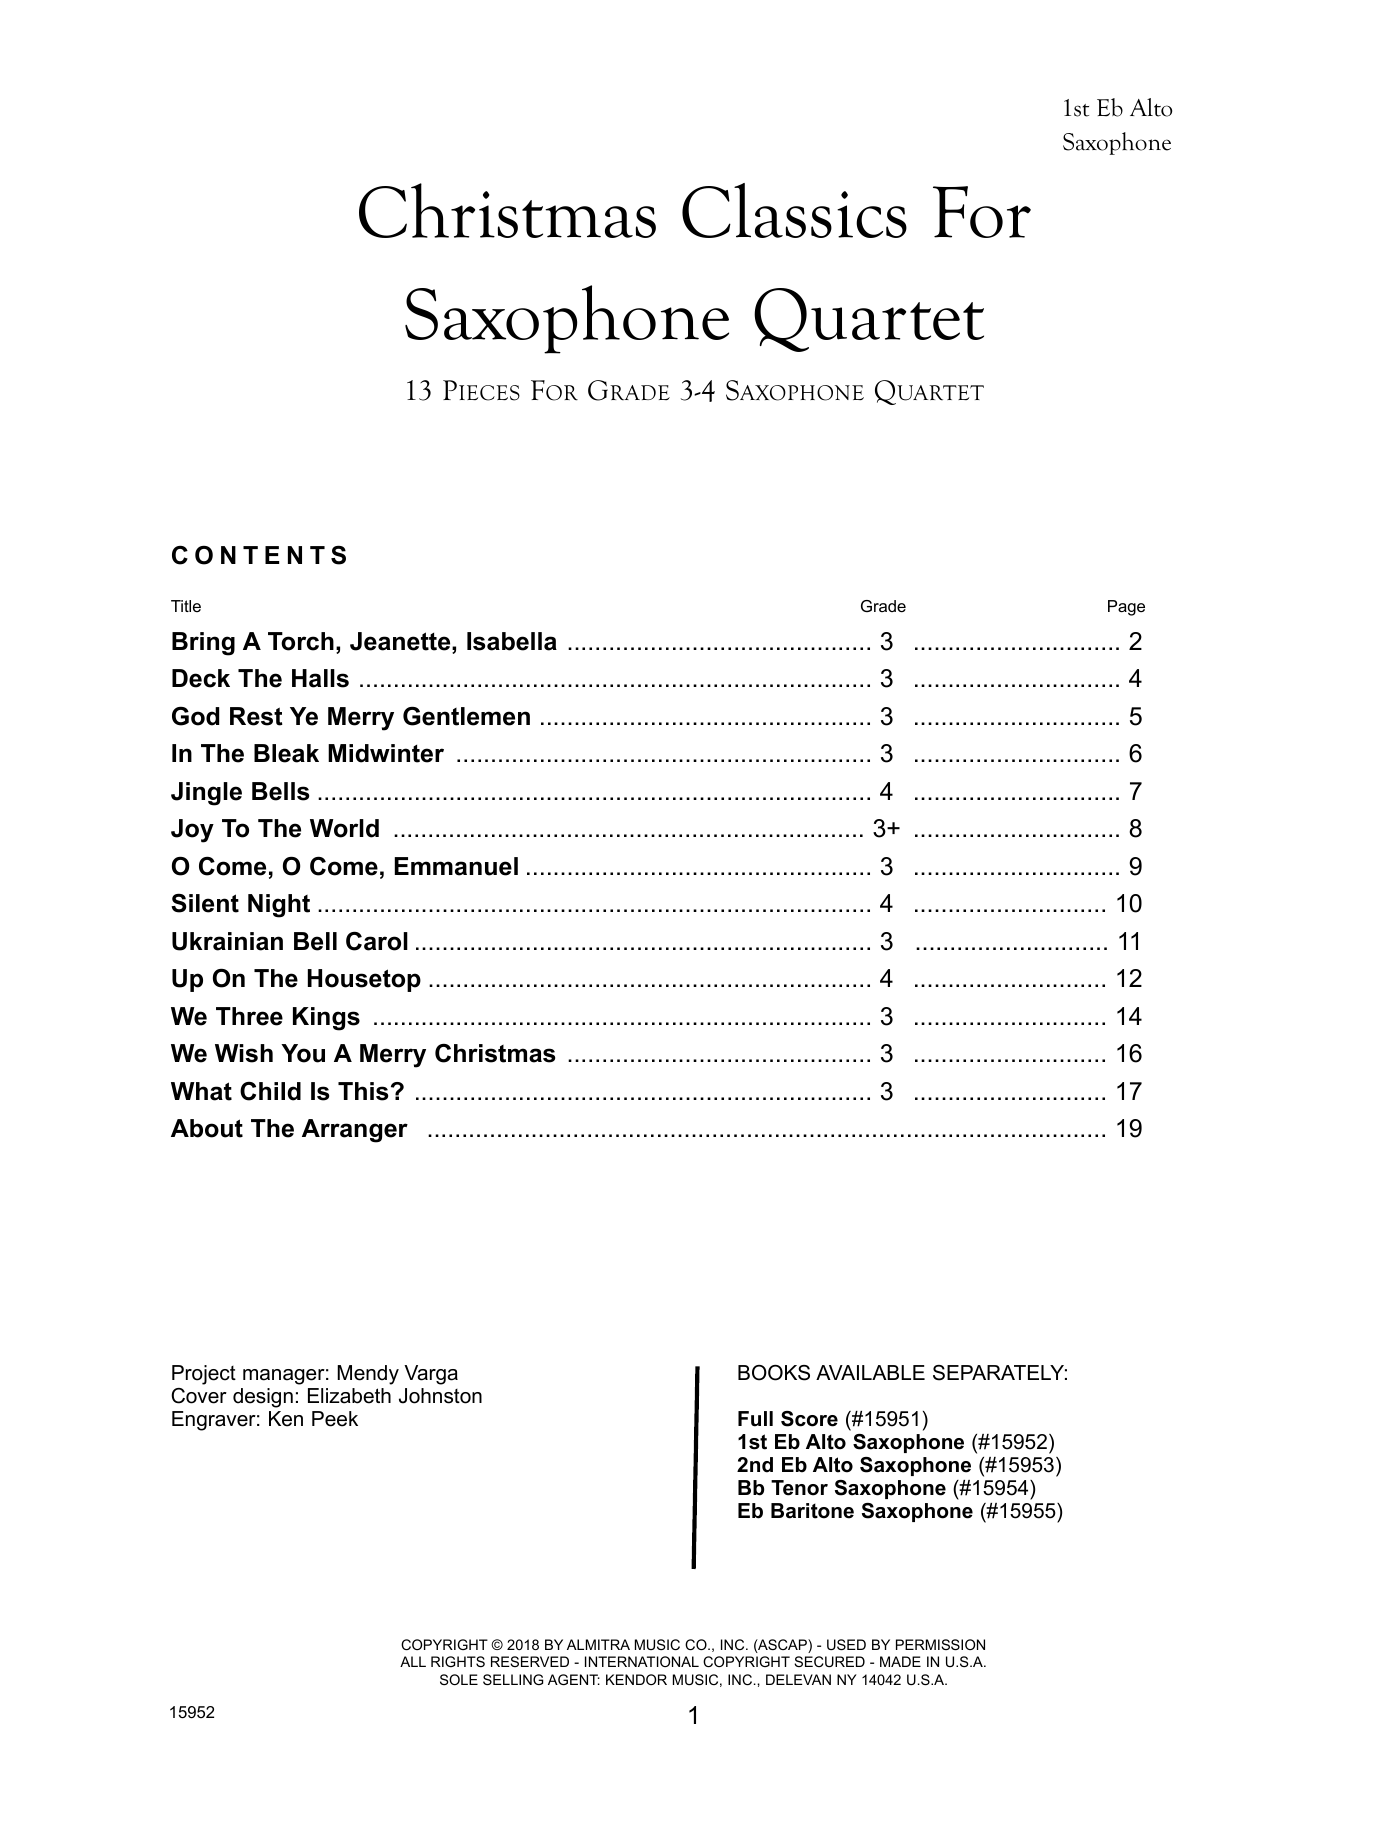 Christmas Classics For Saxophone Quartet - 1st Eb Alto Saxophone Partition Digitale